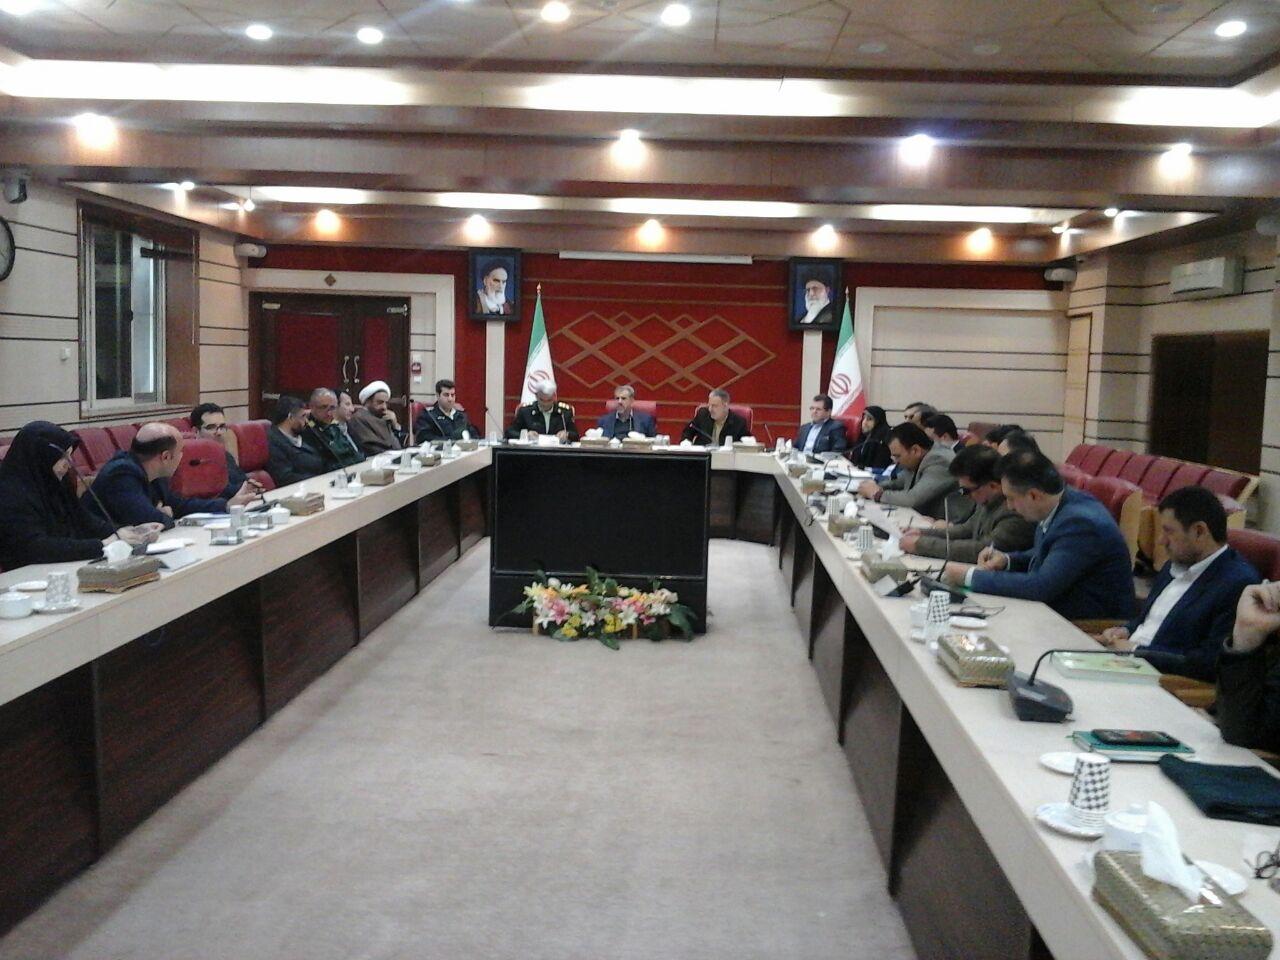 آمادگی سپاه قزوین برای راهاندازی مرکز ماده ۱۶/ برنامههای مقابله با گسترش موادمخدر در ۱۷محله آسیبدیده درحال اجراست